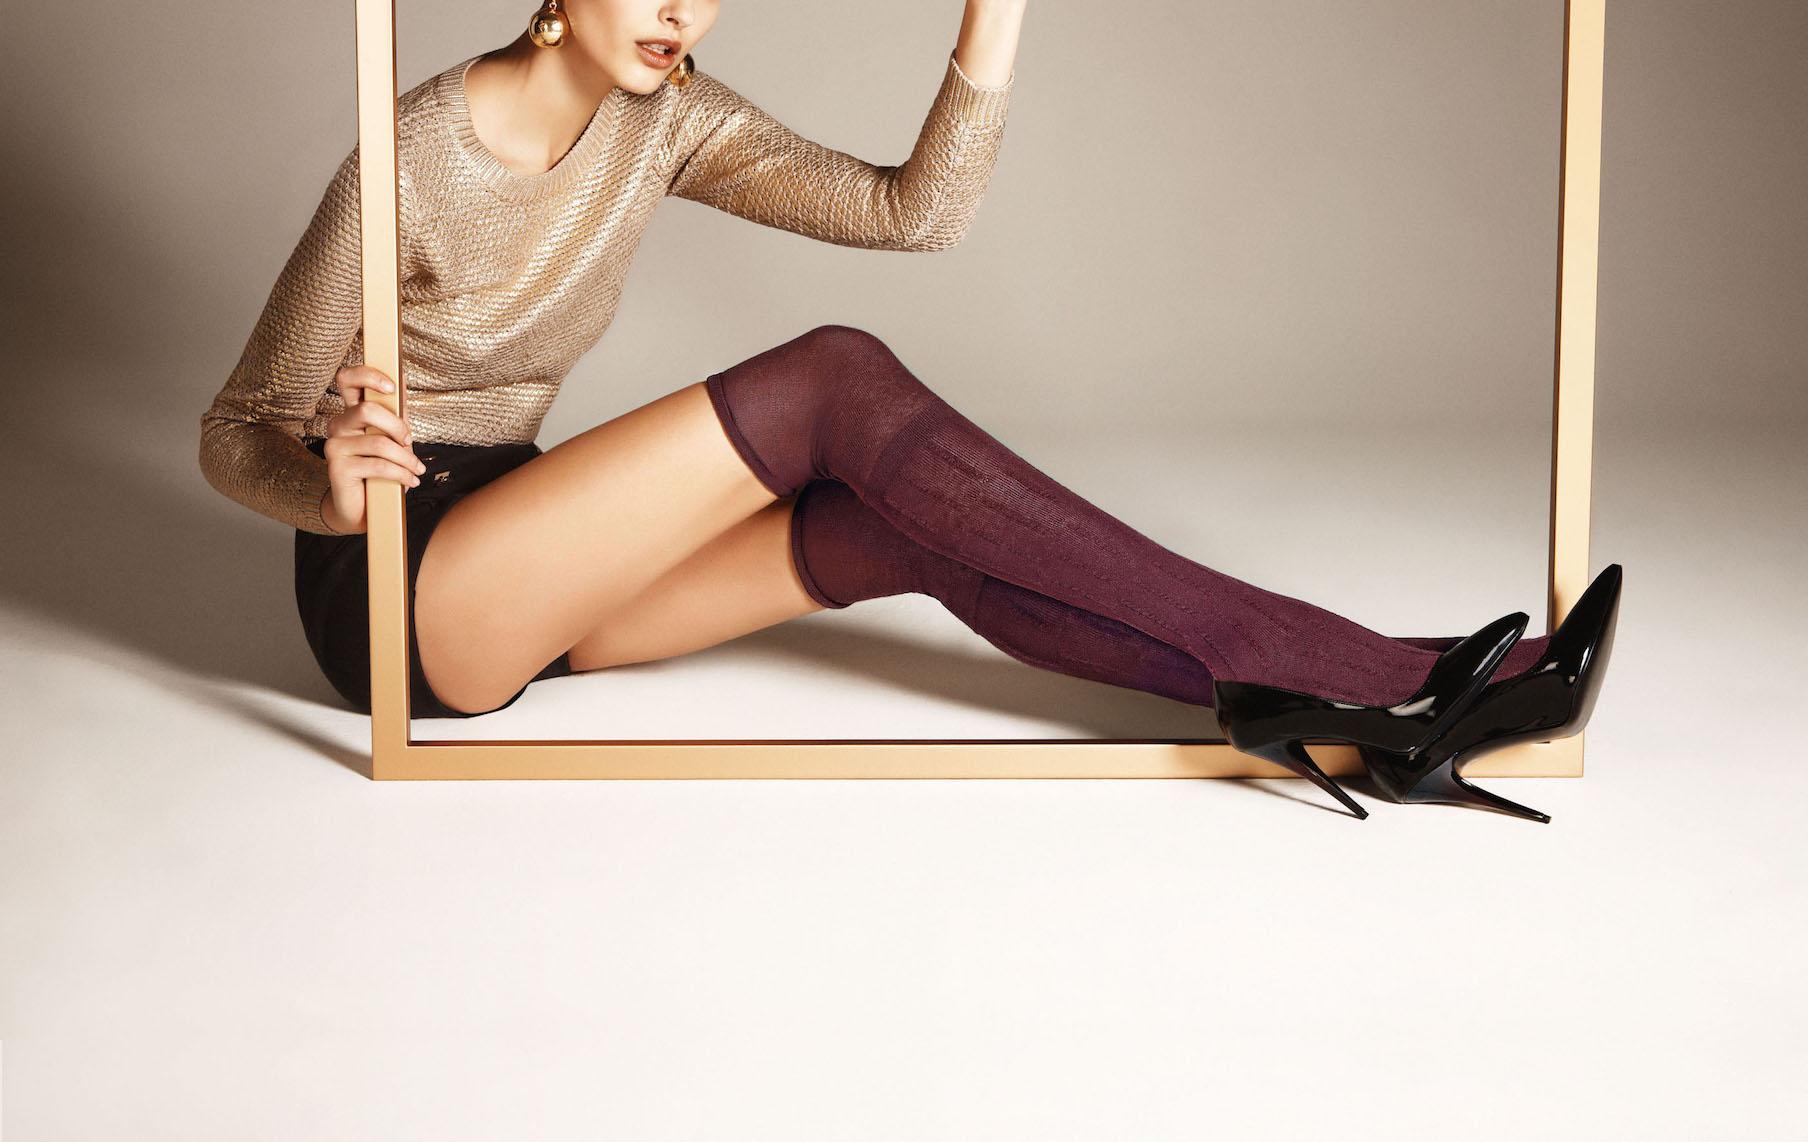 Ricerca privalia i modelli di calze must have del 2018 for Privalia accedi